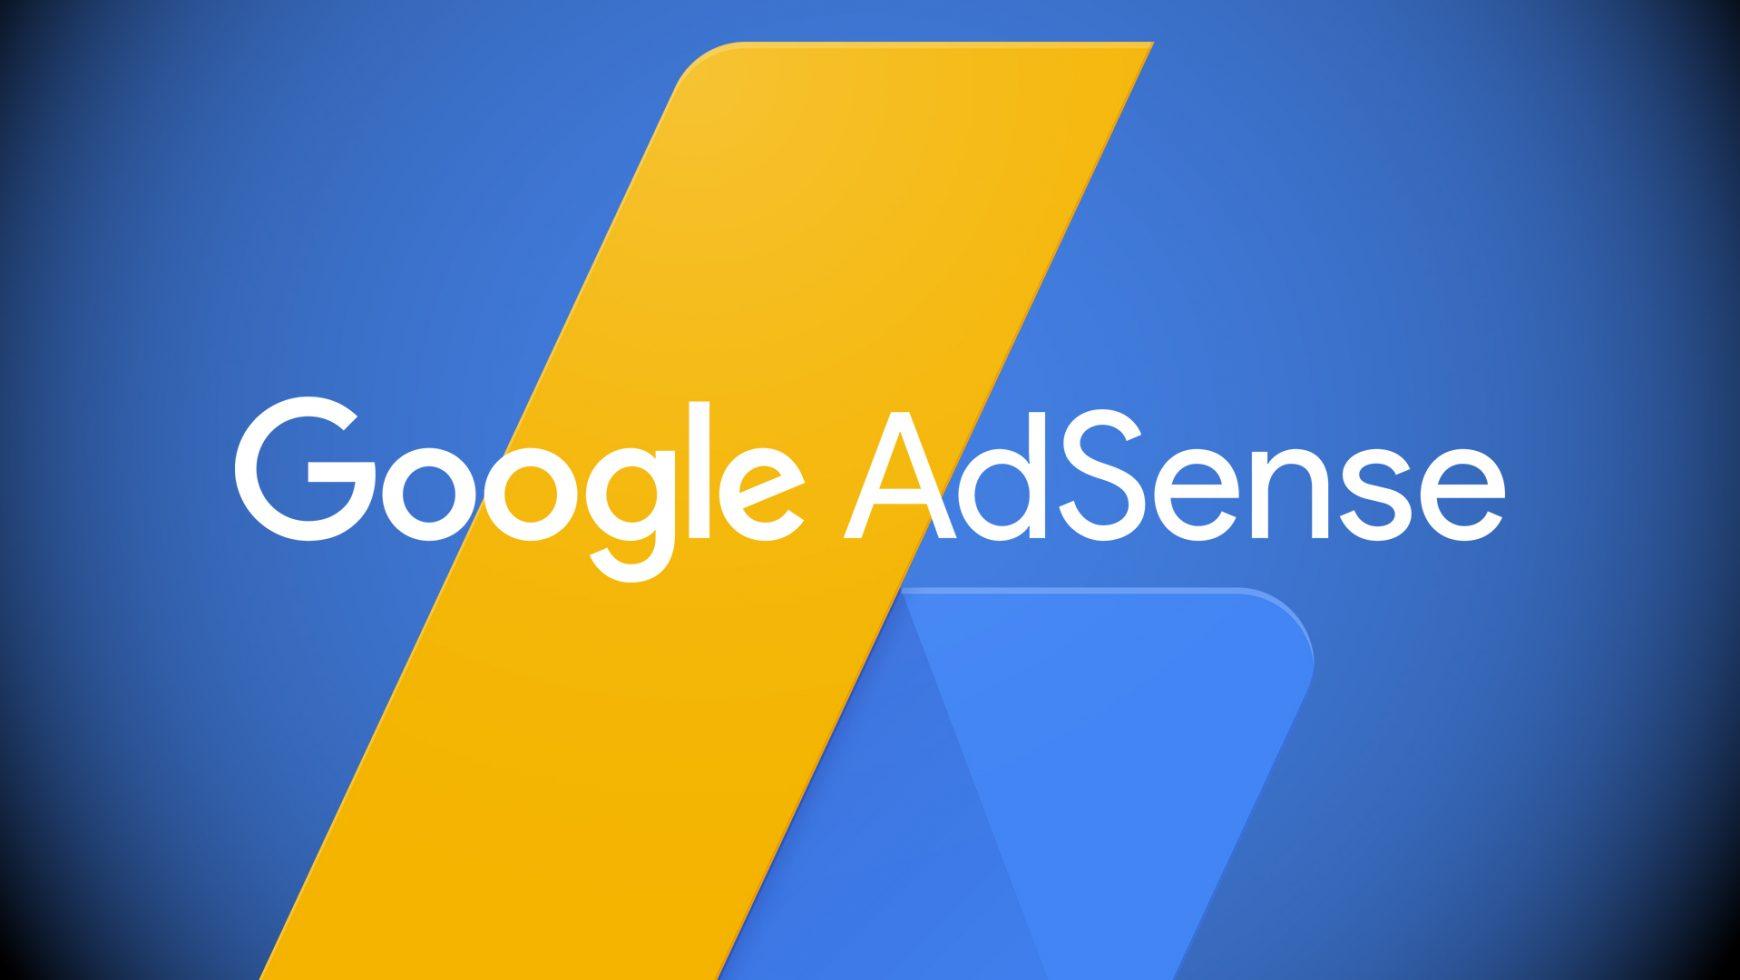 5 Jenis Iklan Google Adsense yang Banyak Digunakan Saat Ini